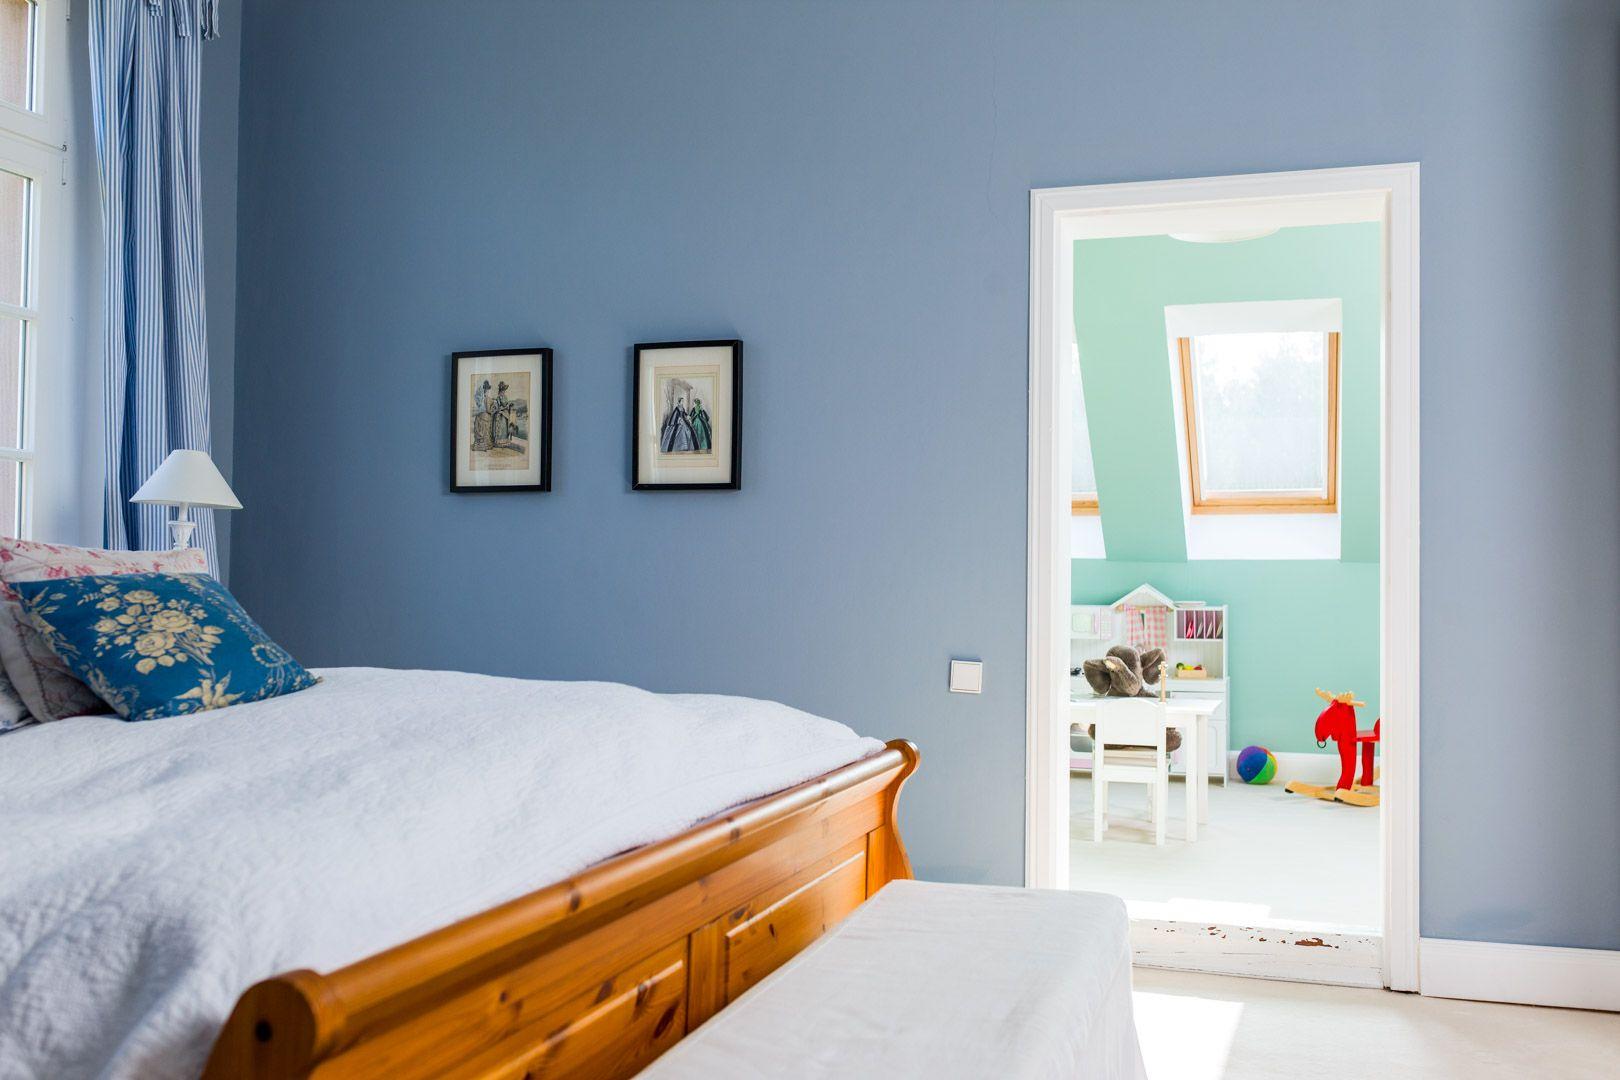 Grün Im Schlafzimmer: Tolle Kombination! Hier Ein Blick Von Einem Blau